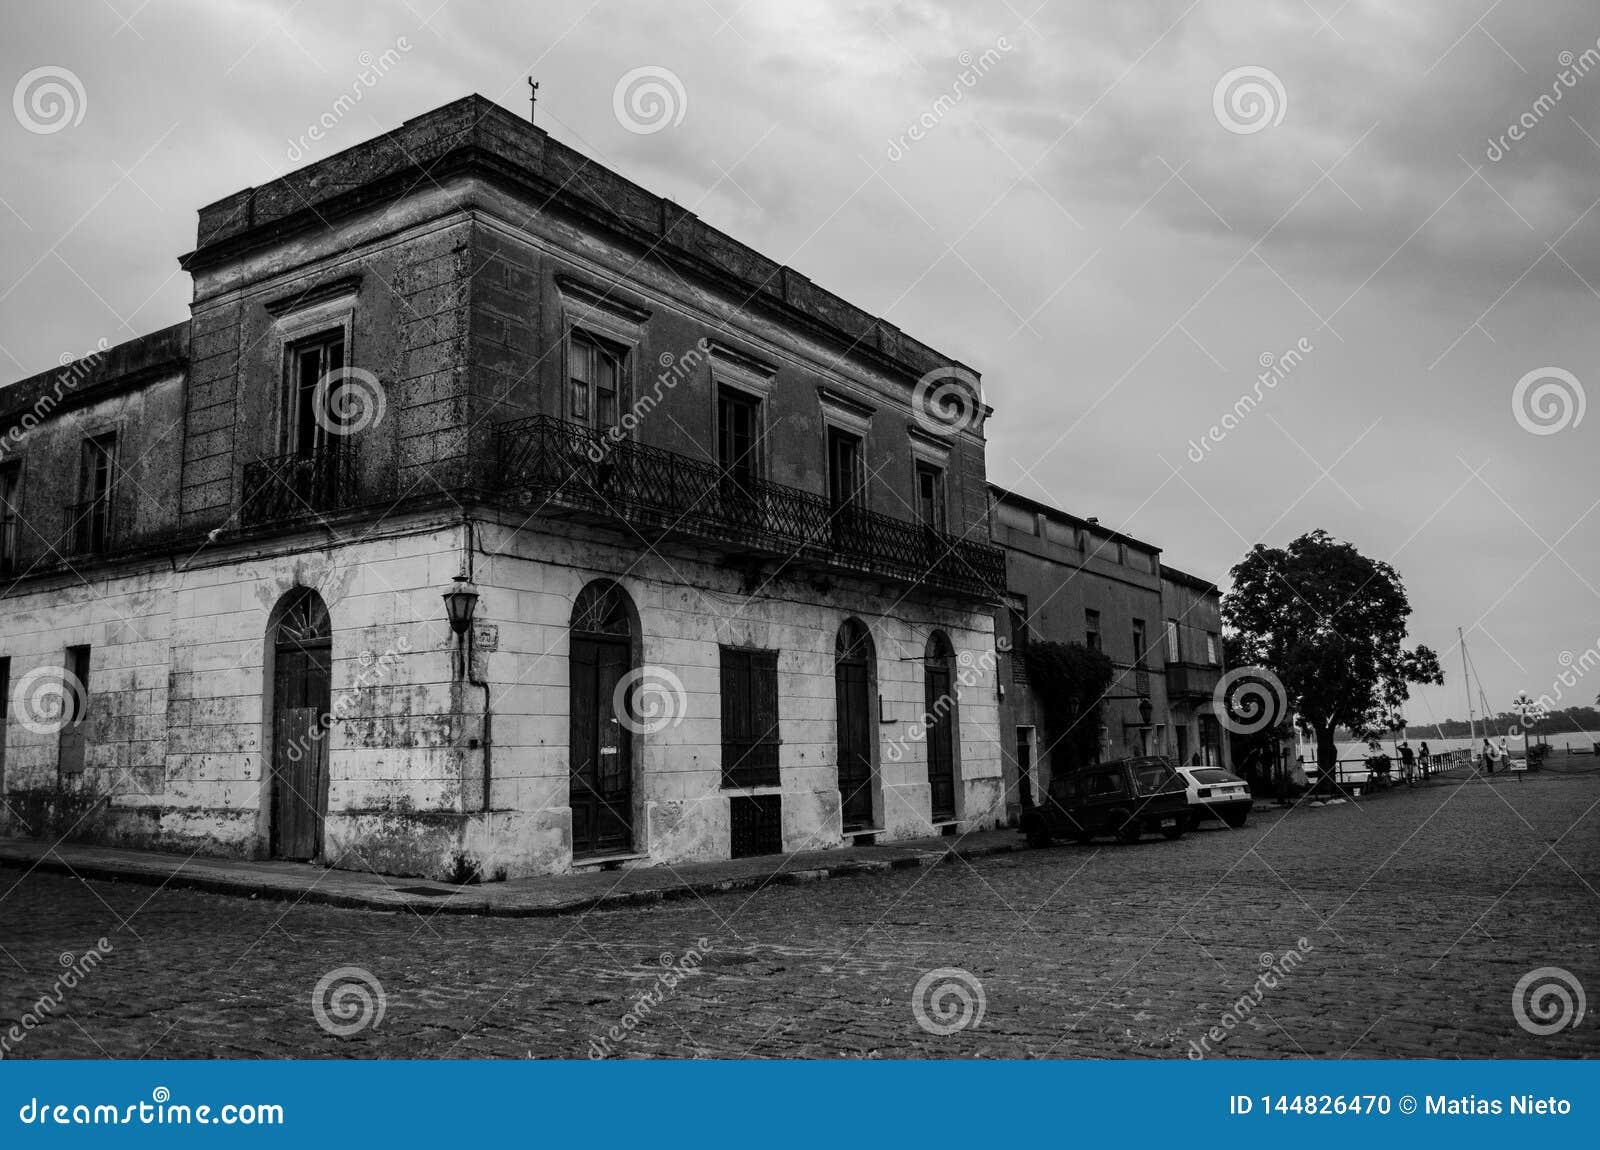 Abandoned building in historic neighborhood of Uruguay